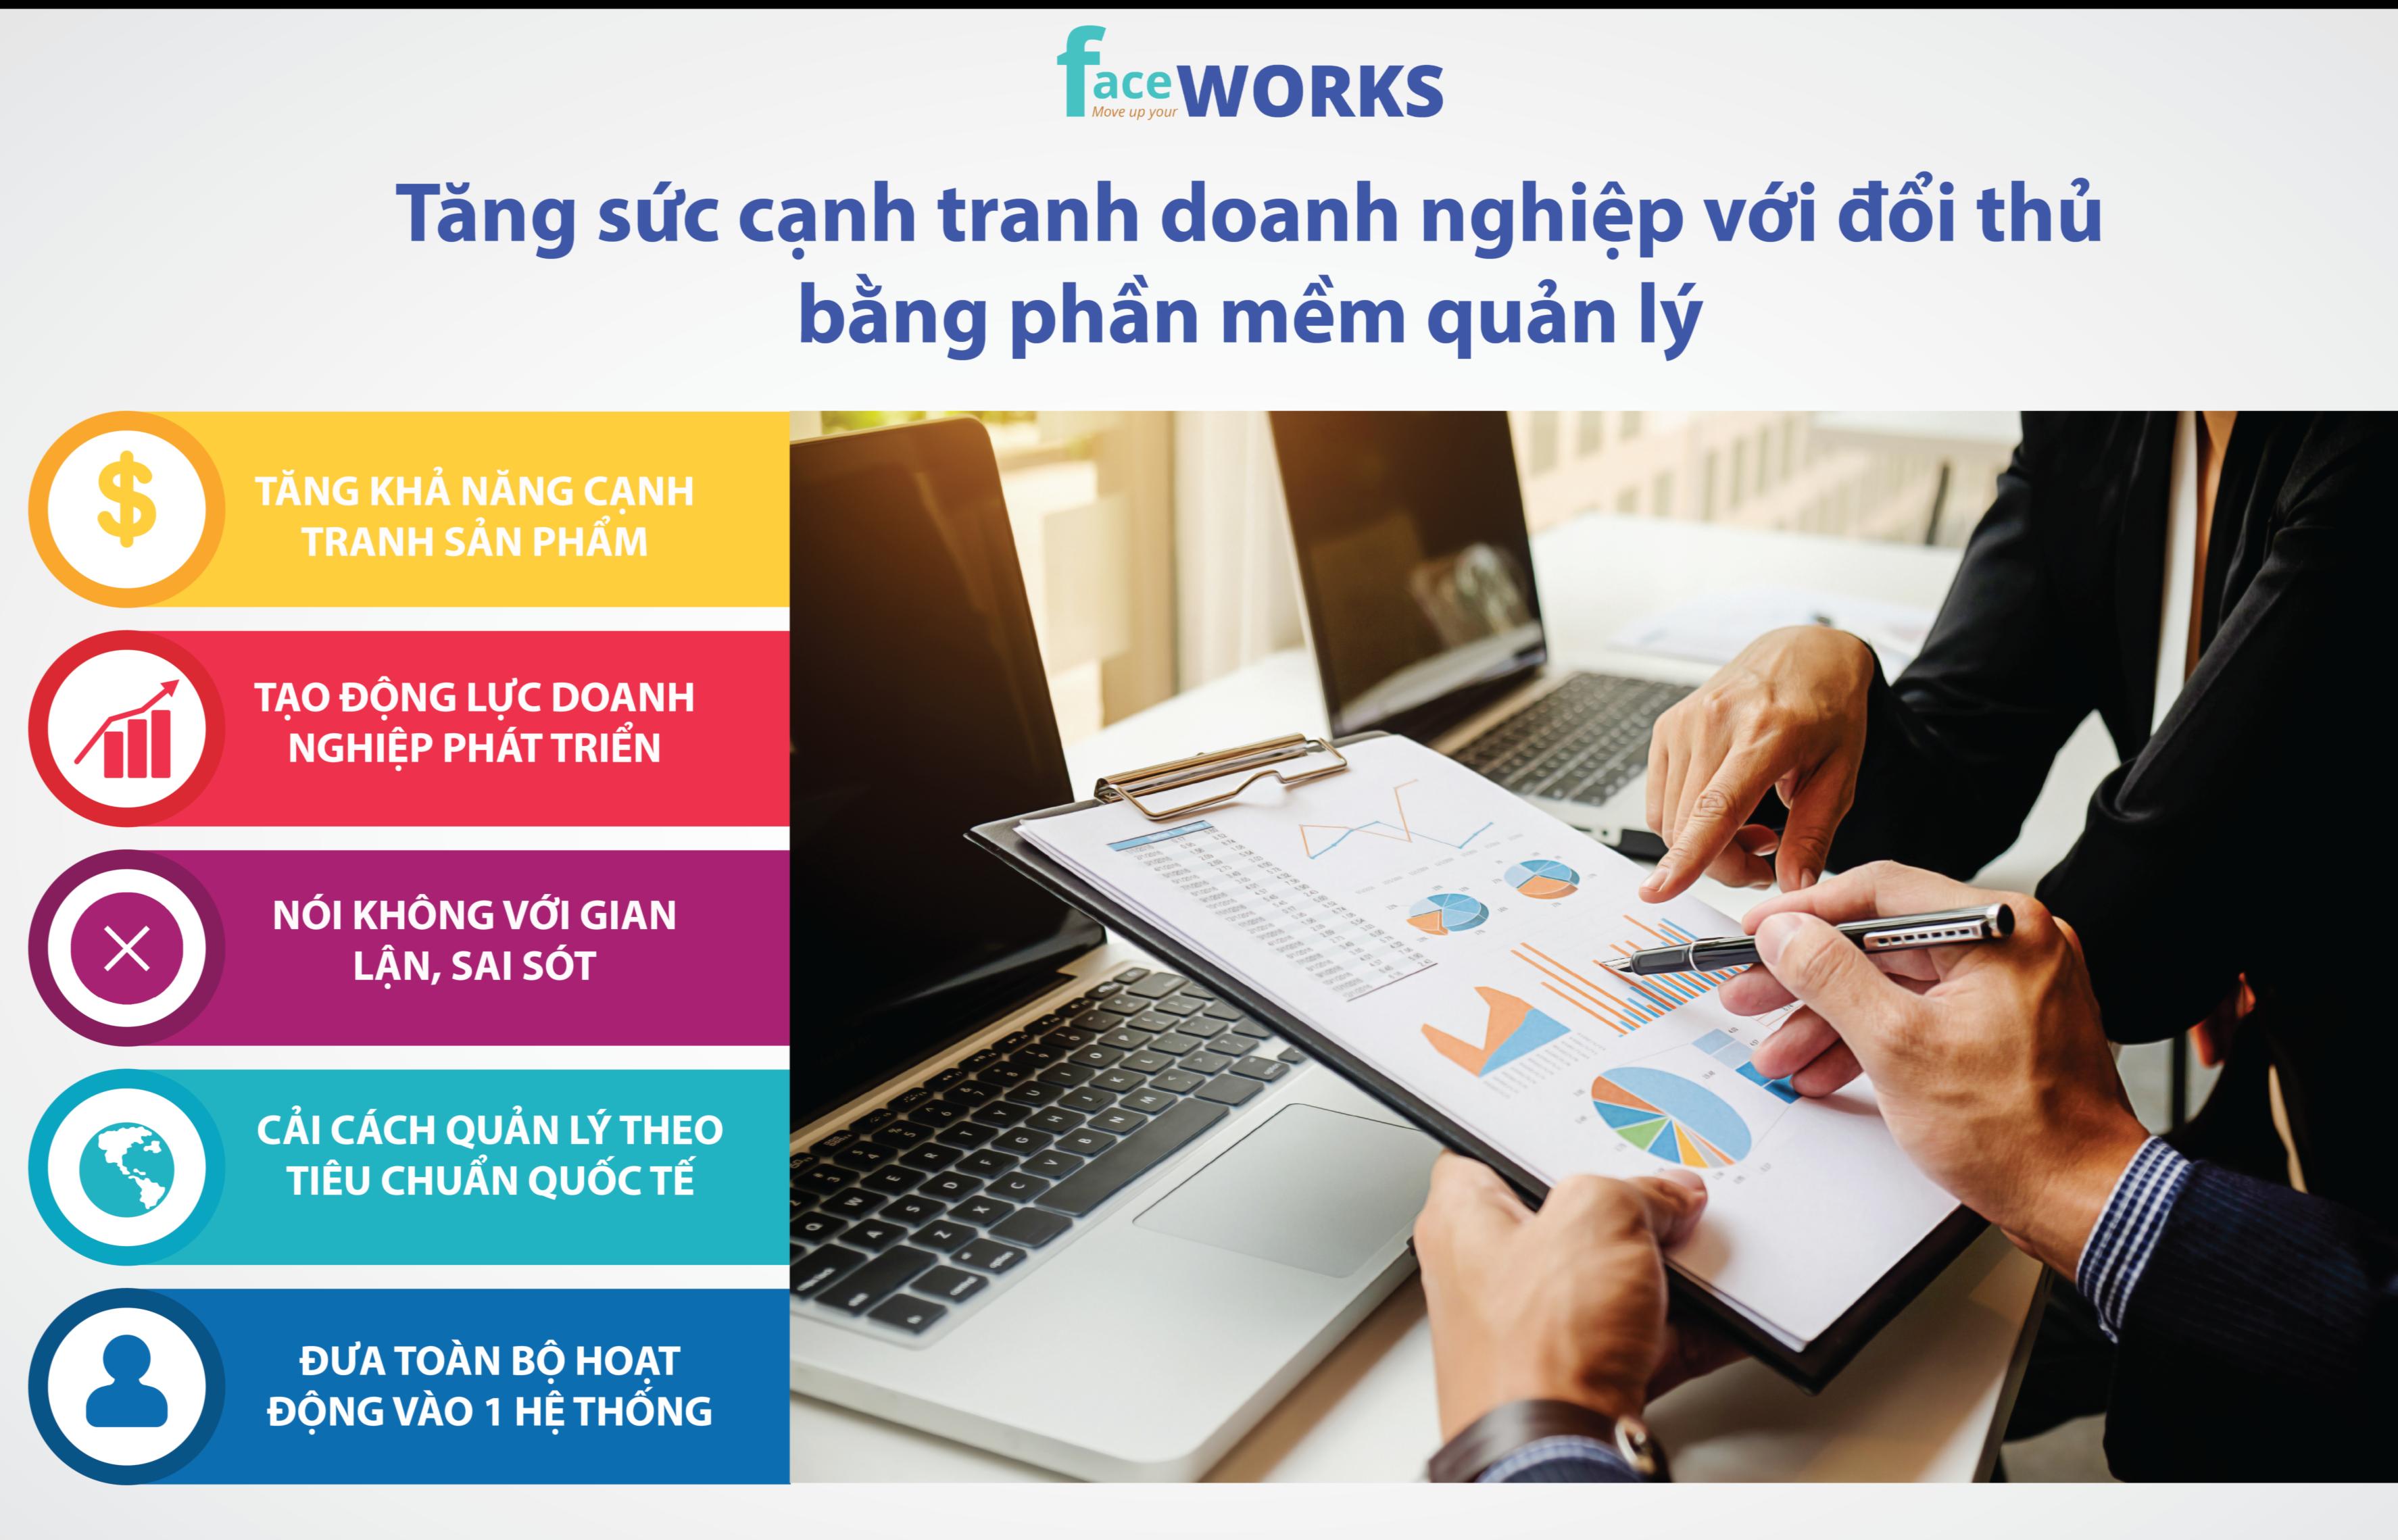 TANG-SUC-CANH-TRANH-DOANH-NGHIEP-VOI-DOI-THU-BANG-PHAN-MEM-01-01